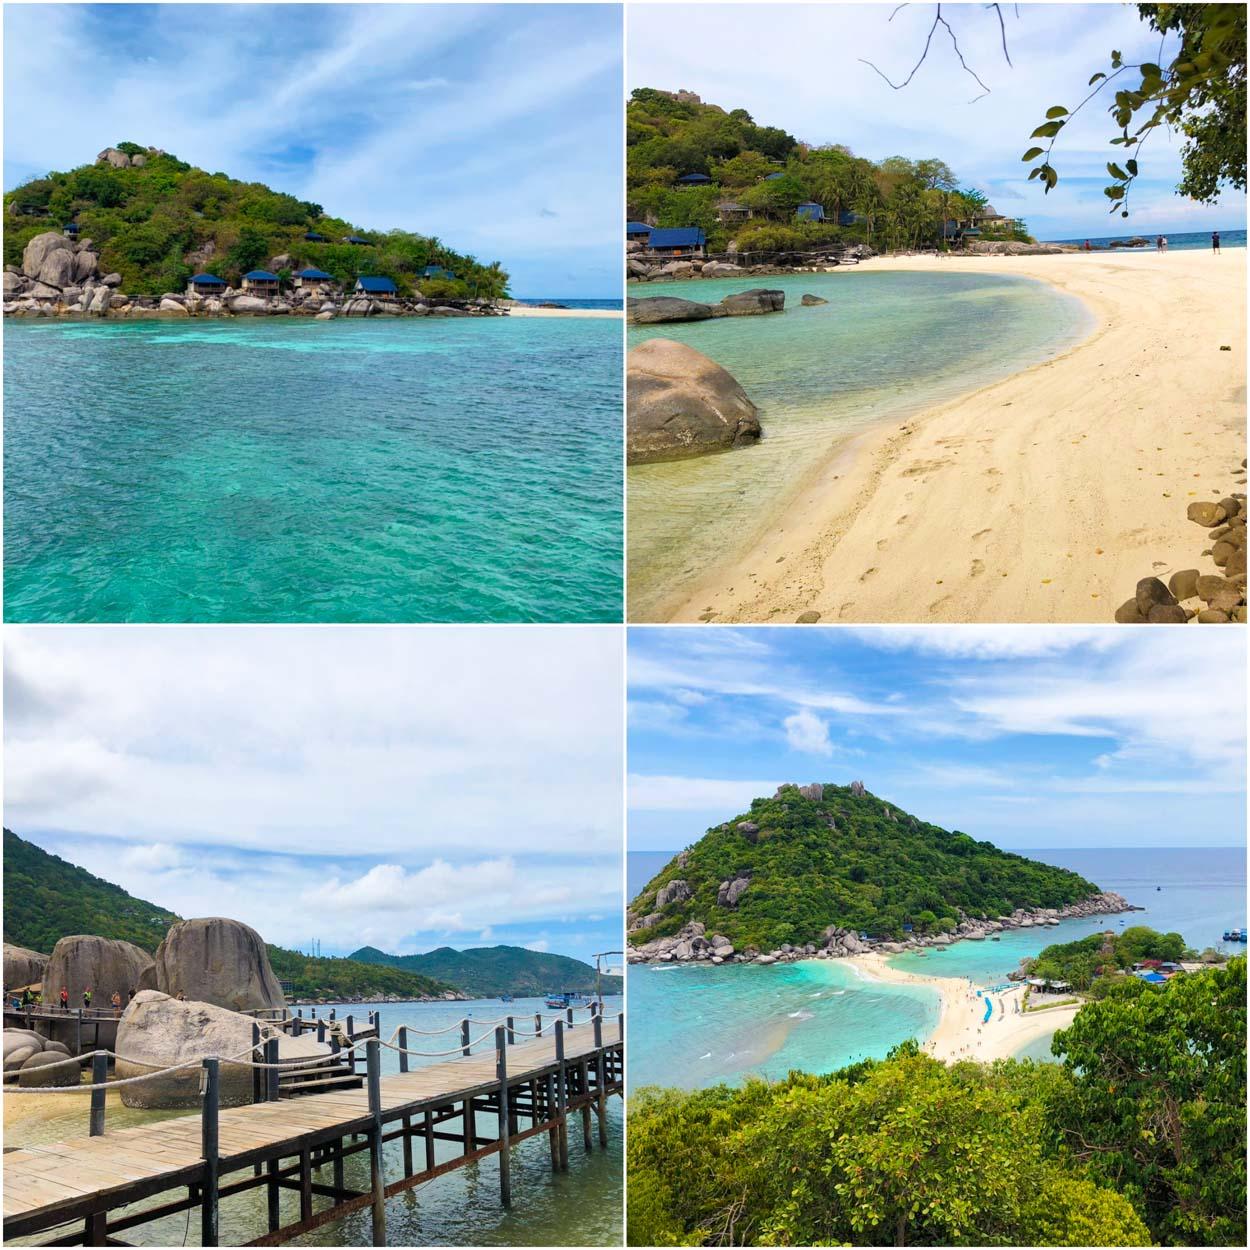 จุดเช็คอินเด็ดๆวิวหลักล้าน เกาะเต่า เกาะนางยวน ทะลน้ำใส่นิ่งสงบกว้างไกลสุดตาสวรรค์ของนักดำน้ำ